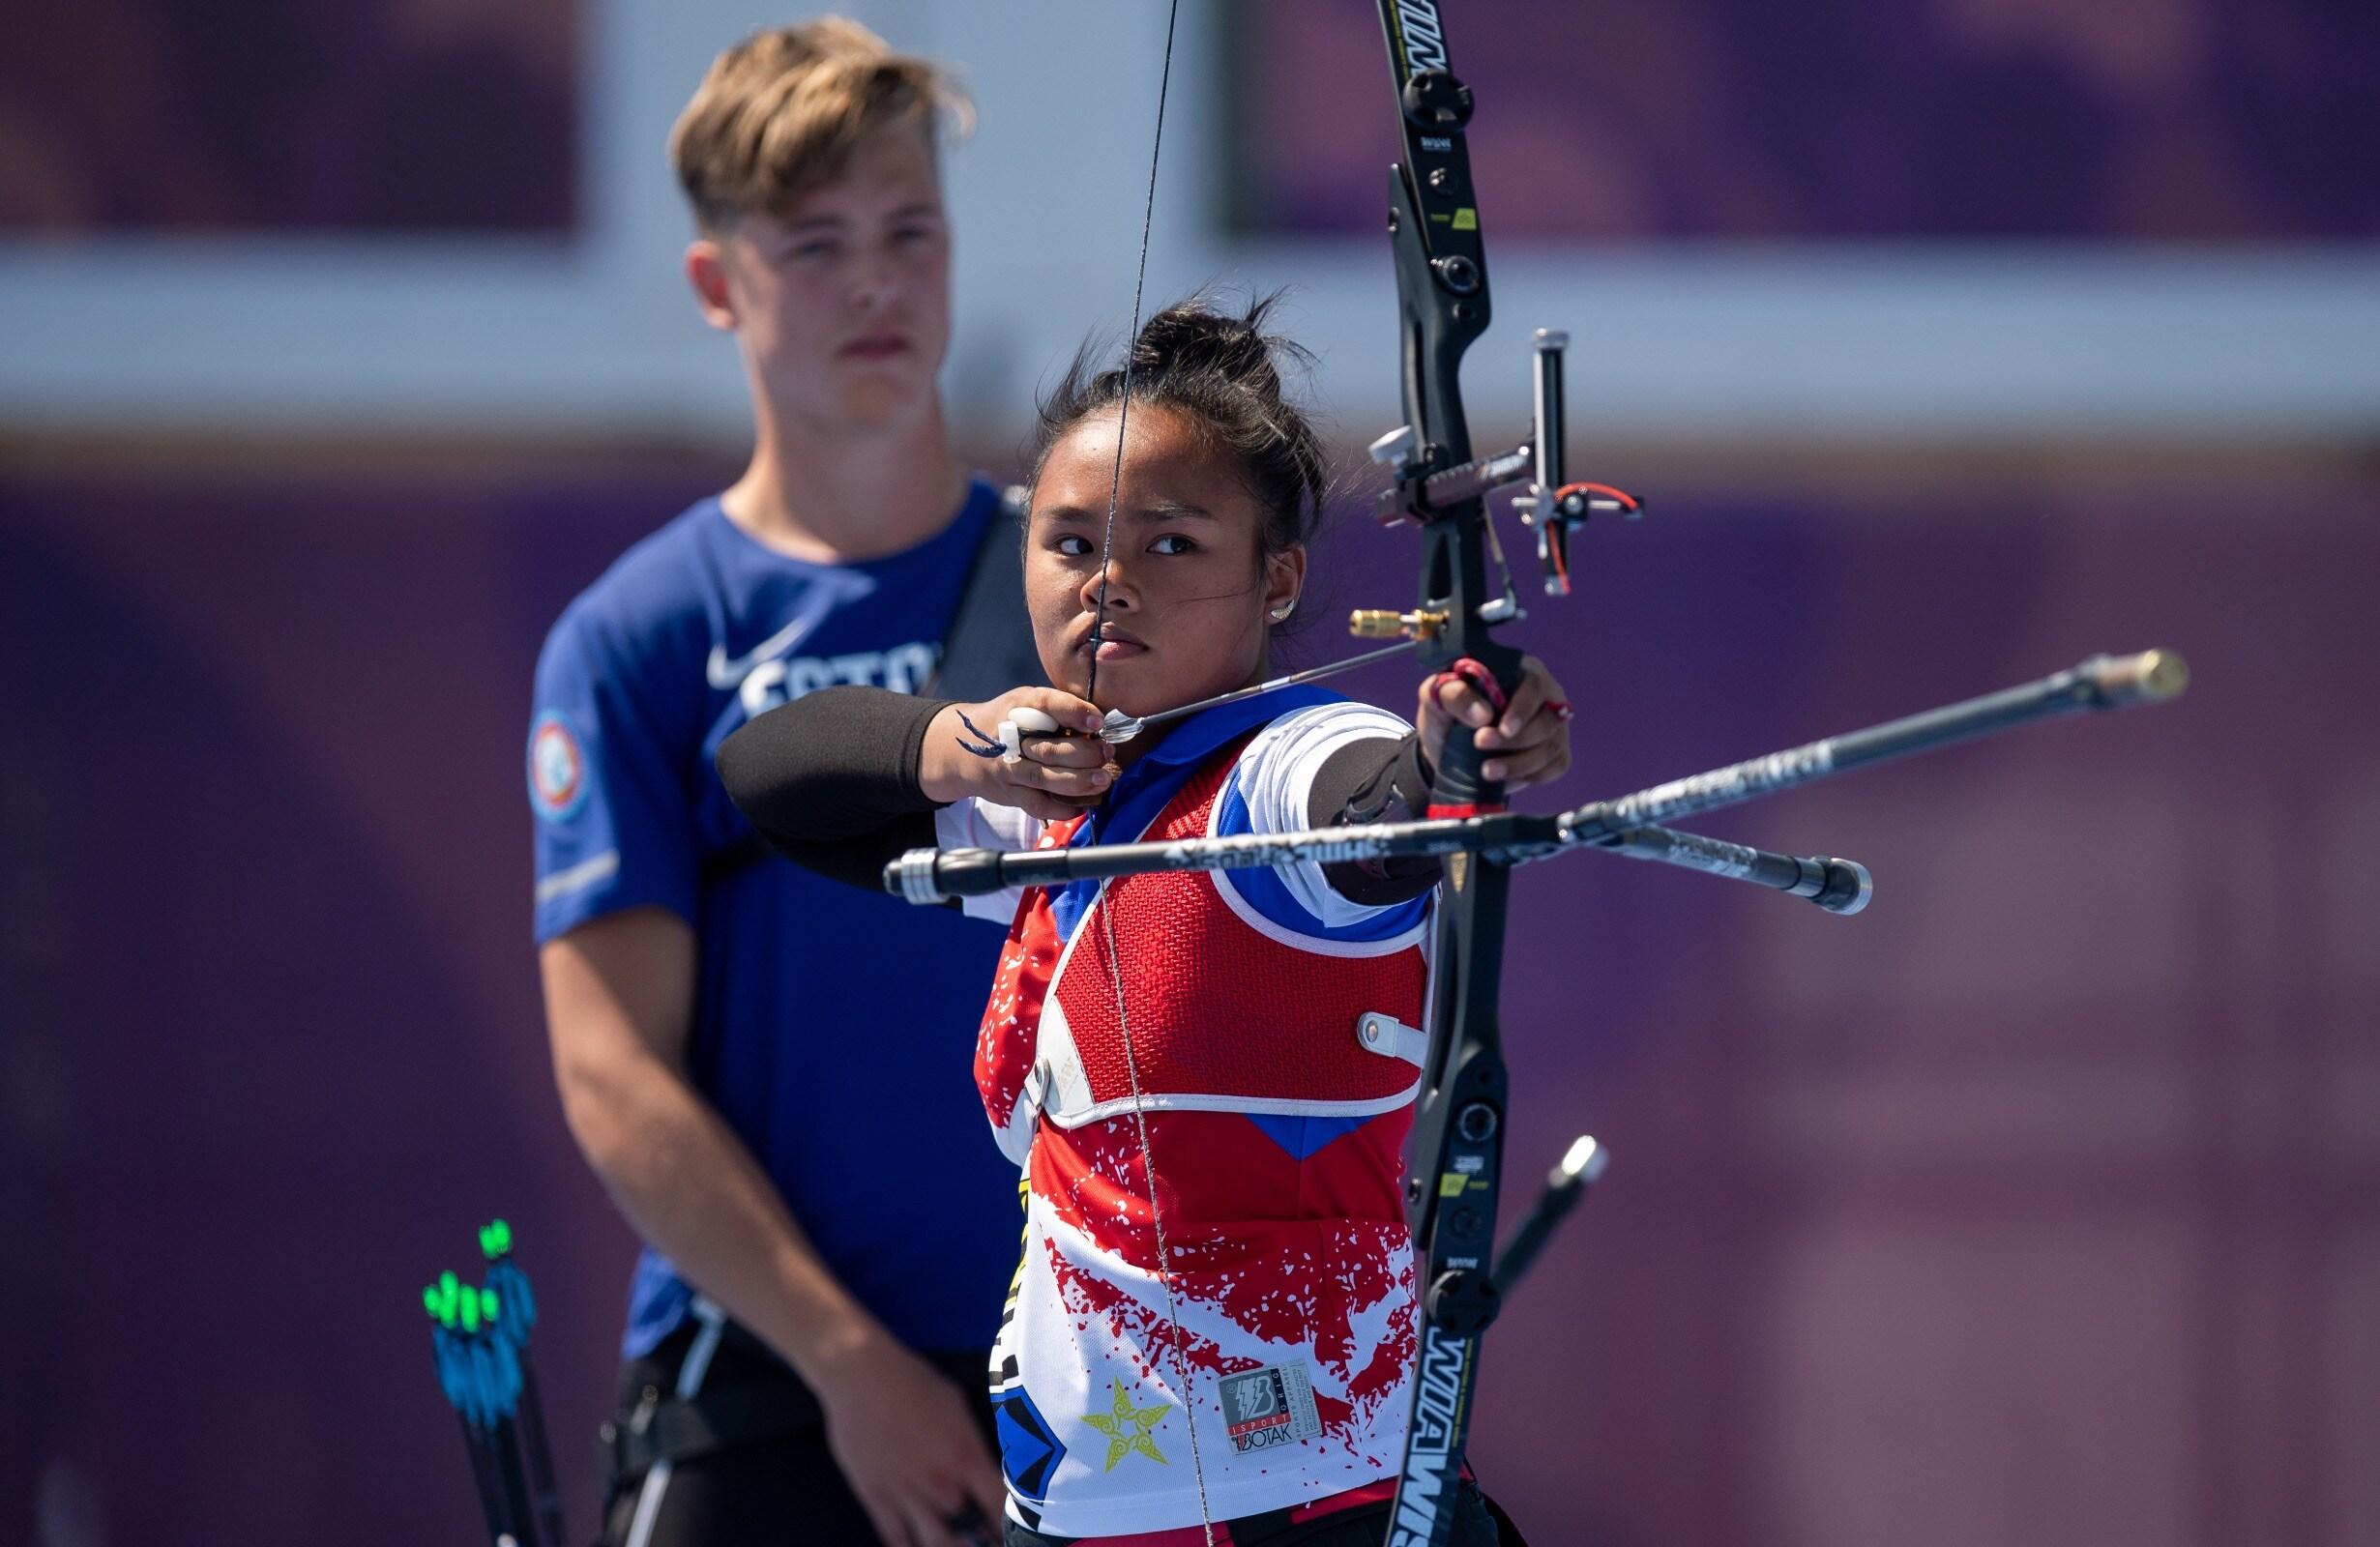 Buenos Aires 2018 - Tir à l'arc - Épreuve par équipes mixtes internationales